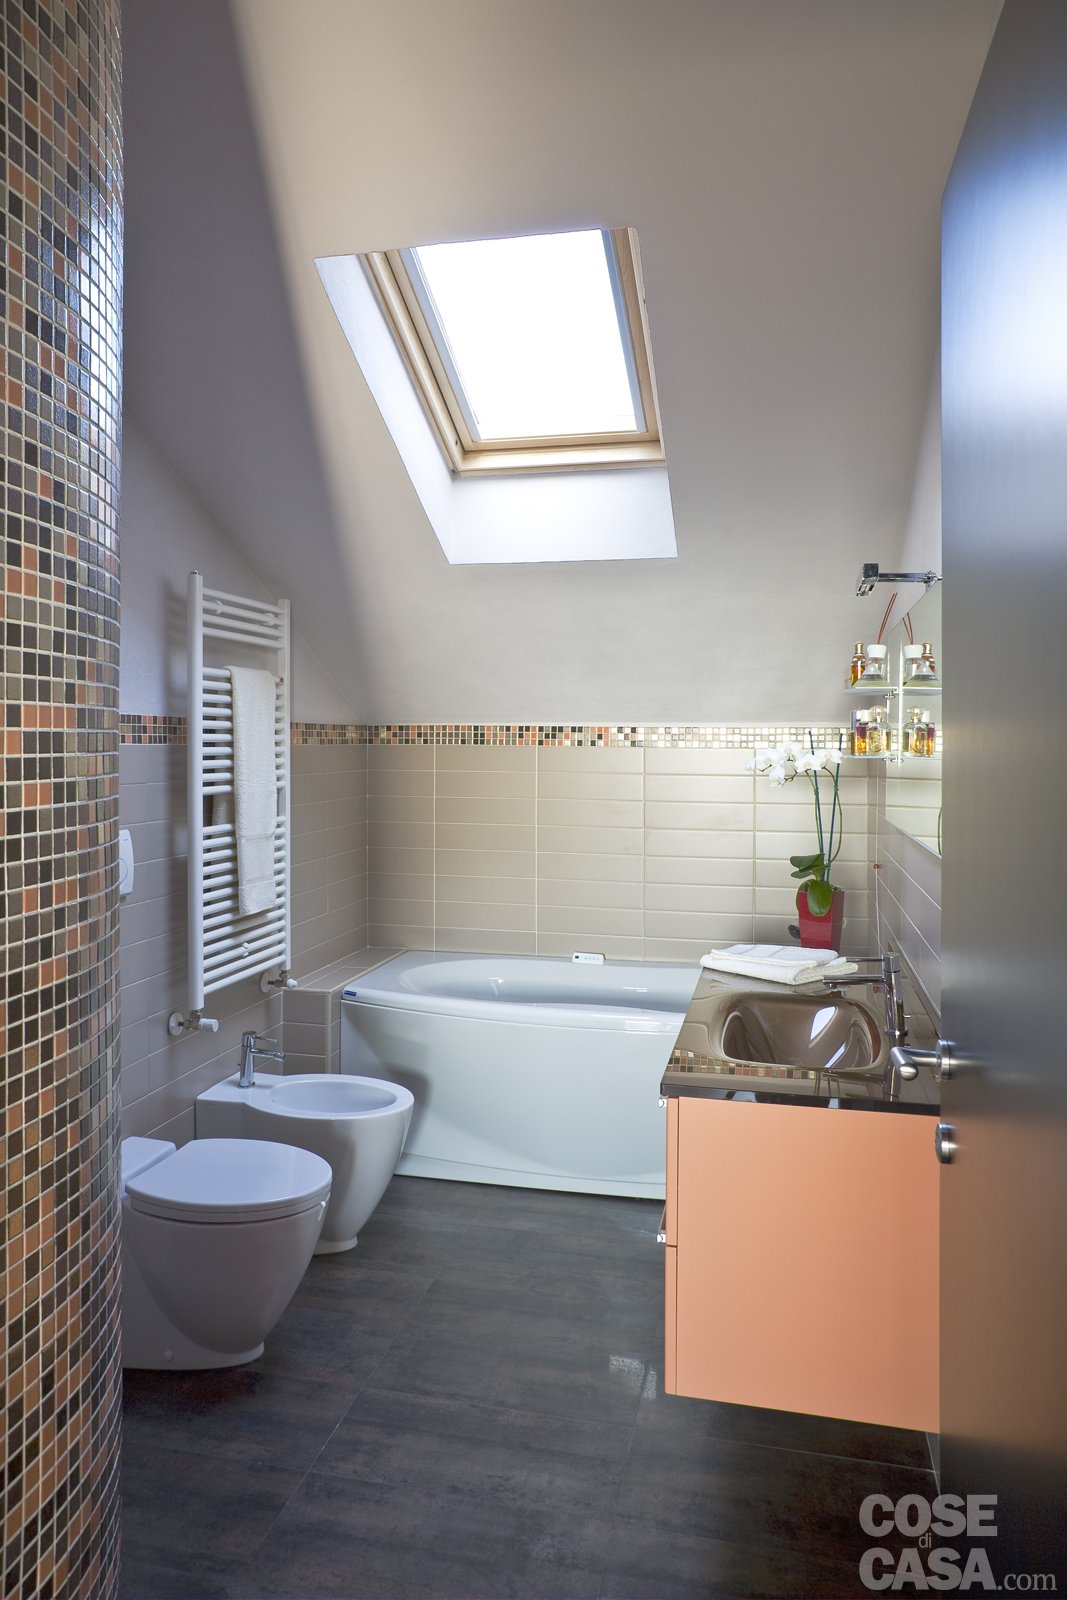 Casa in mansarda con le soluzioni giuste per gli spazi - Bagno sottotetto ...